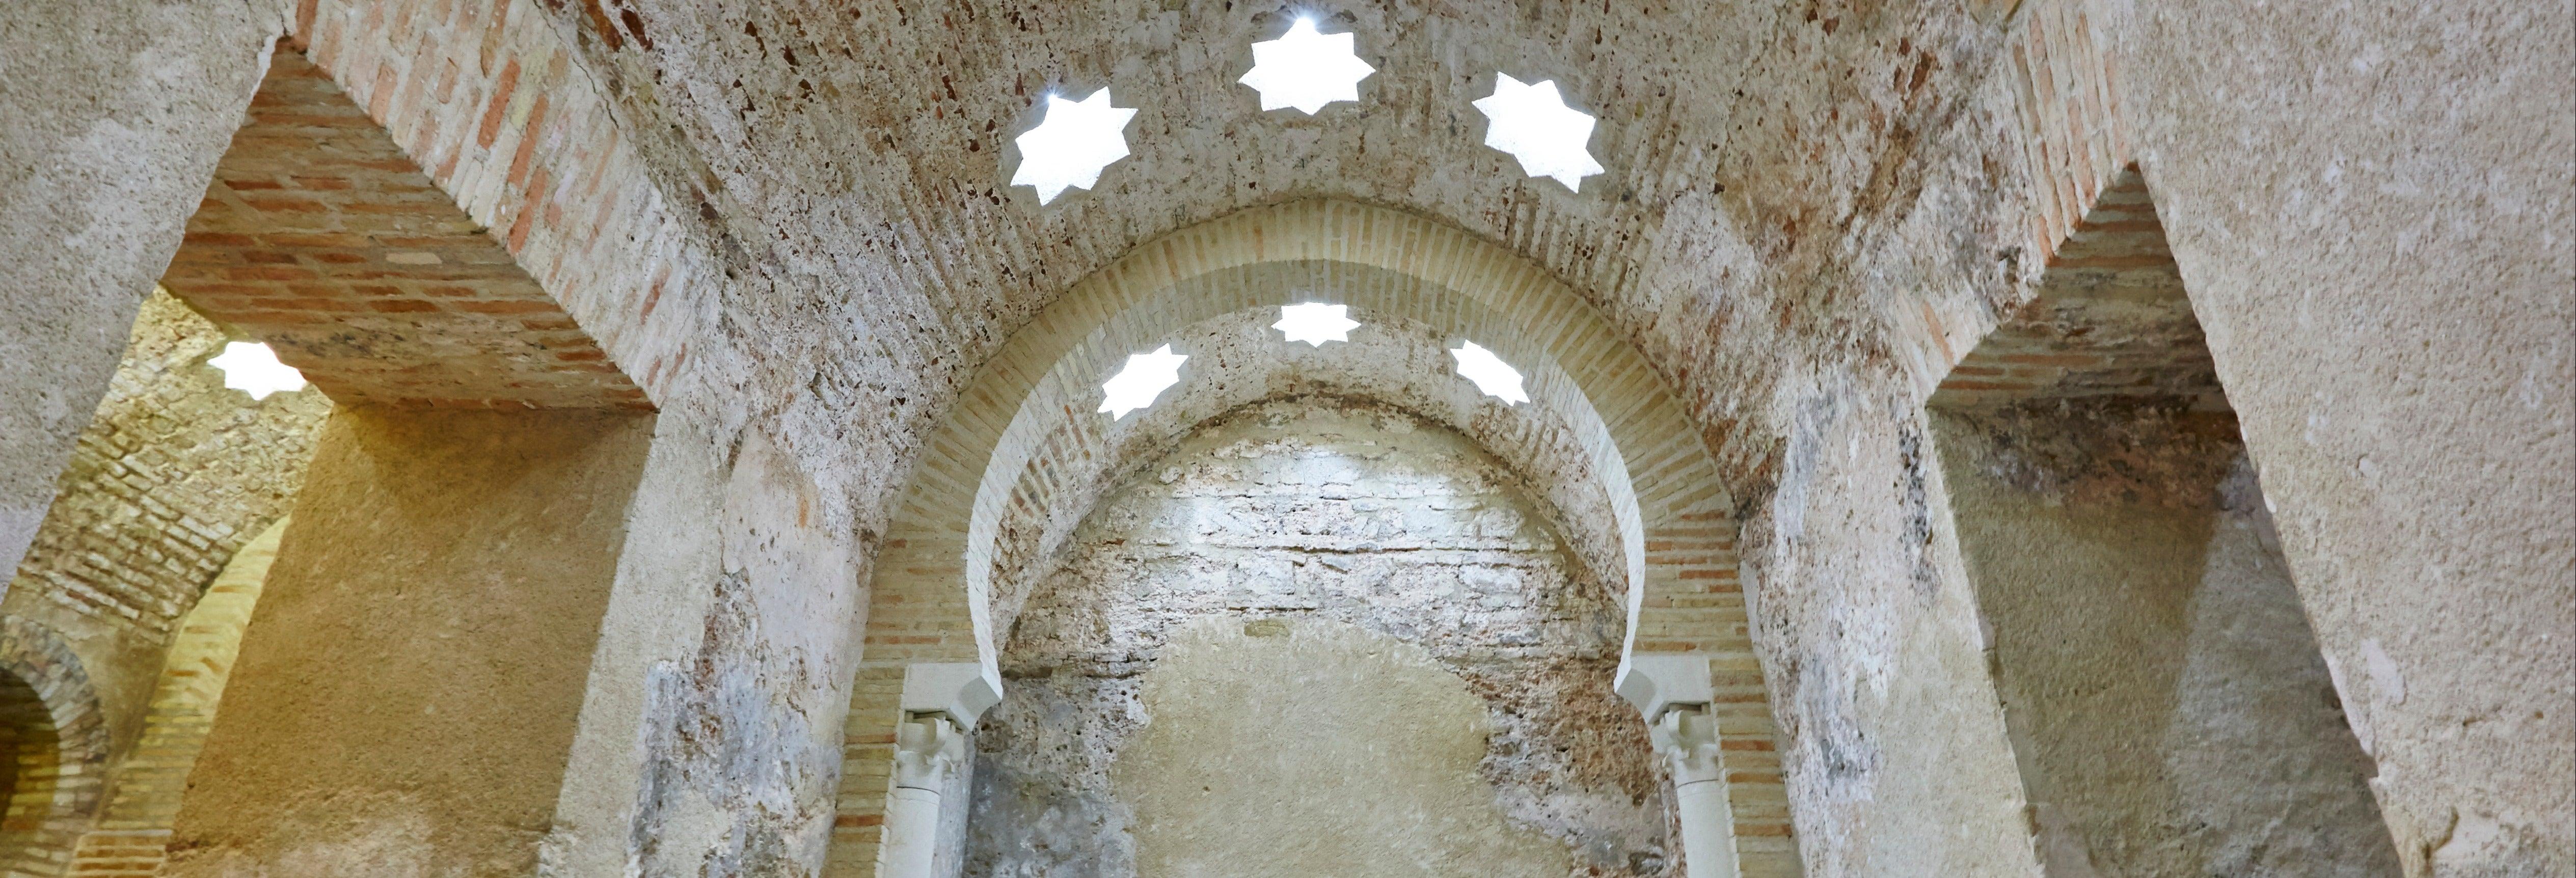 Banhos Árabes e Palácio de Villardompardo